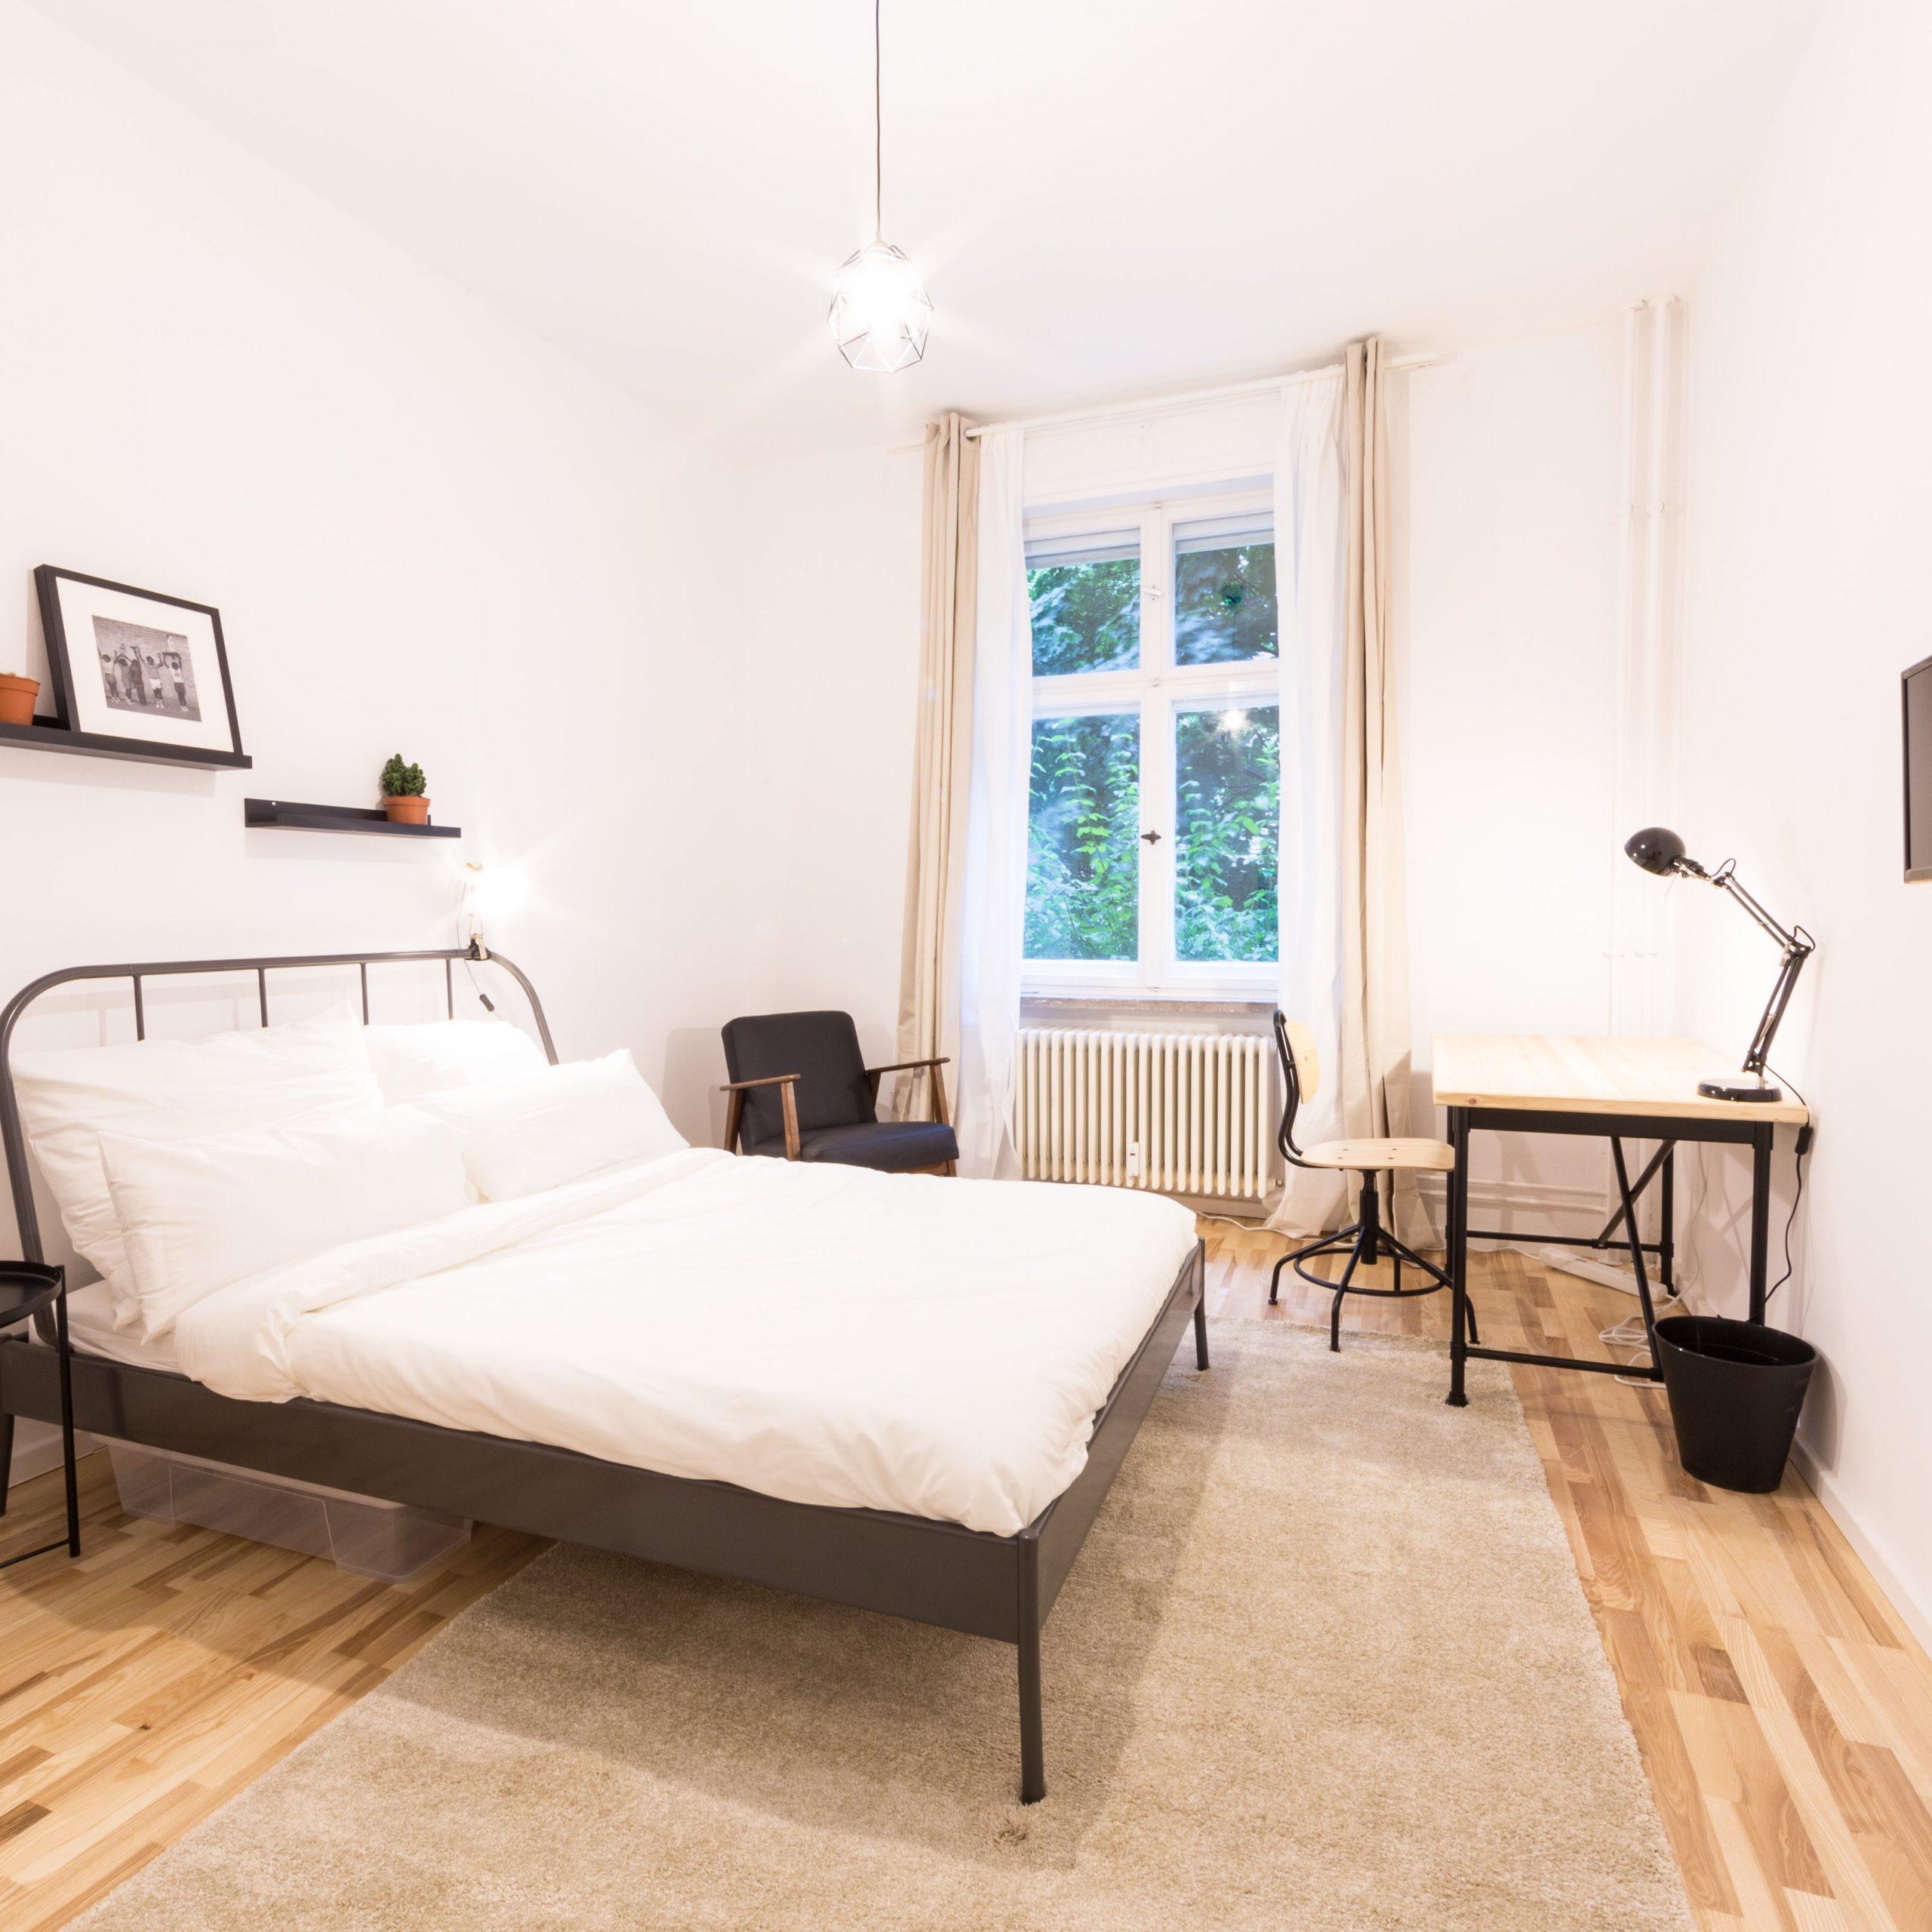 Bedroom in a shared flat in Berlin